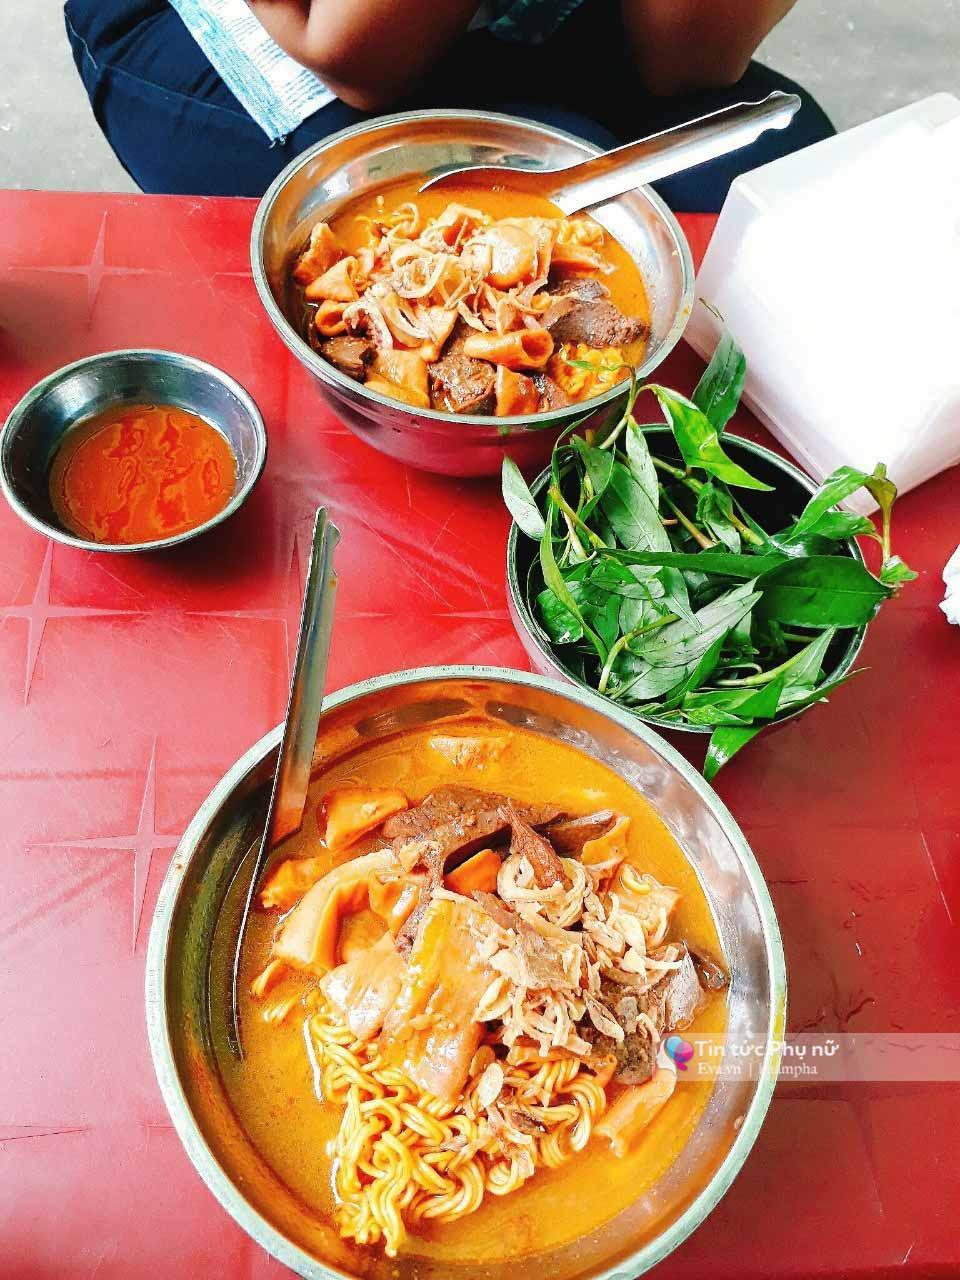 Lạc lối trong 3 con hẻm ăn vặt ngon-bổ-rẻ không thể bỏ lỡ khi du lịch Sài Gòn-7